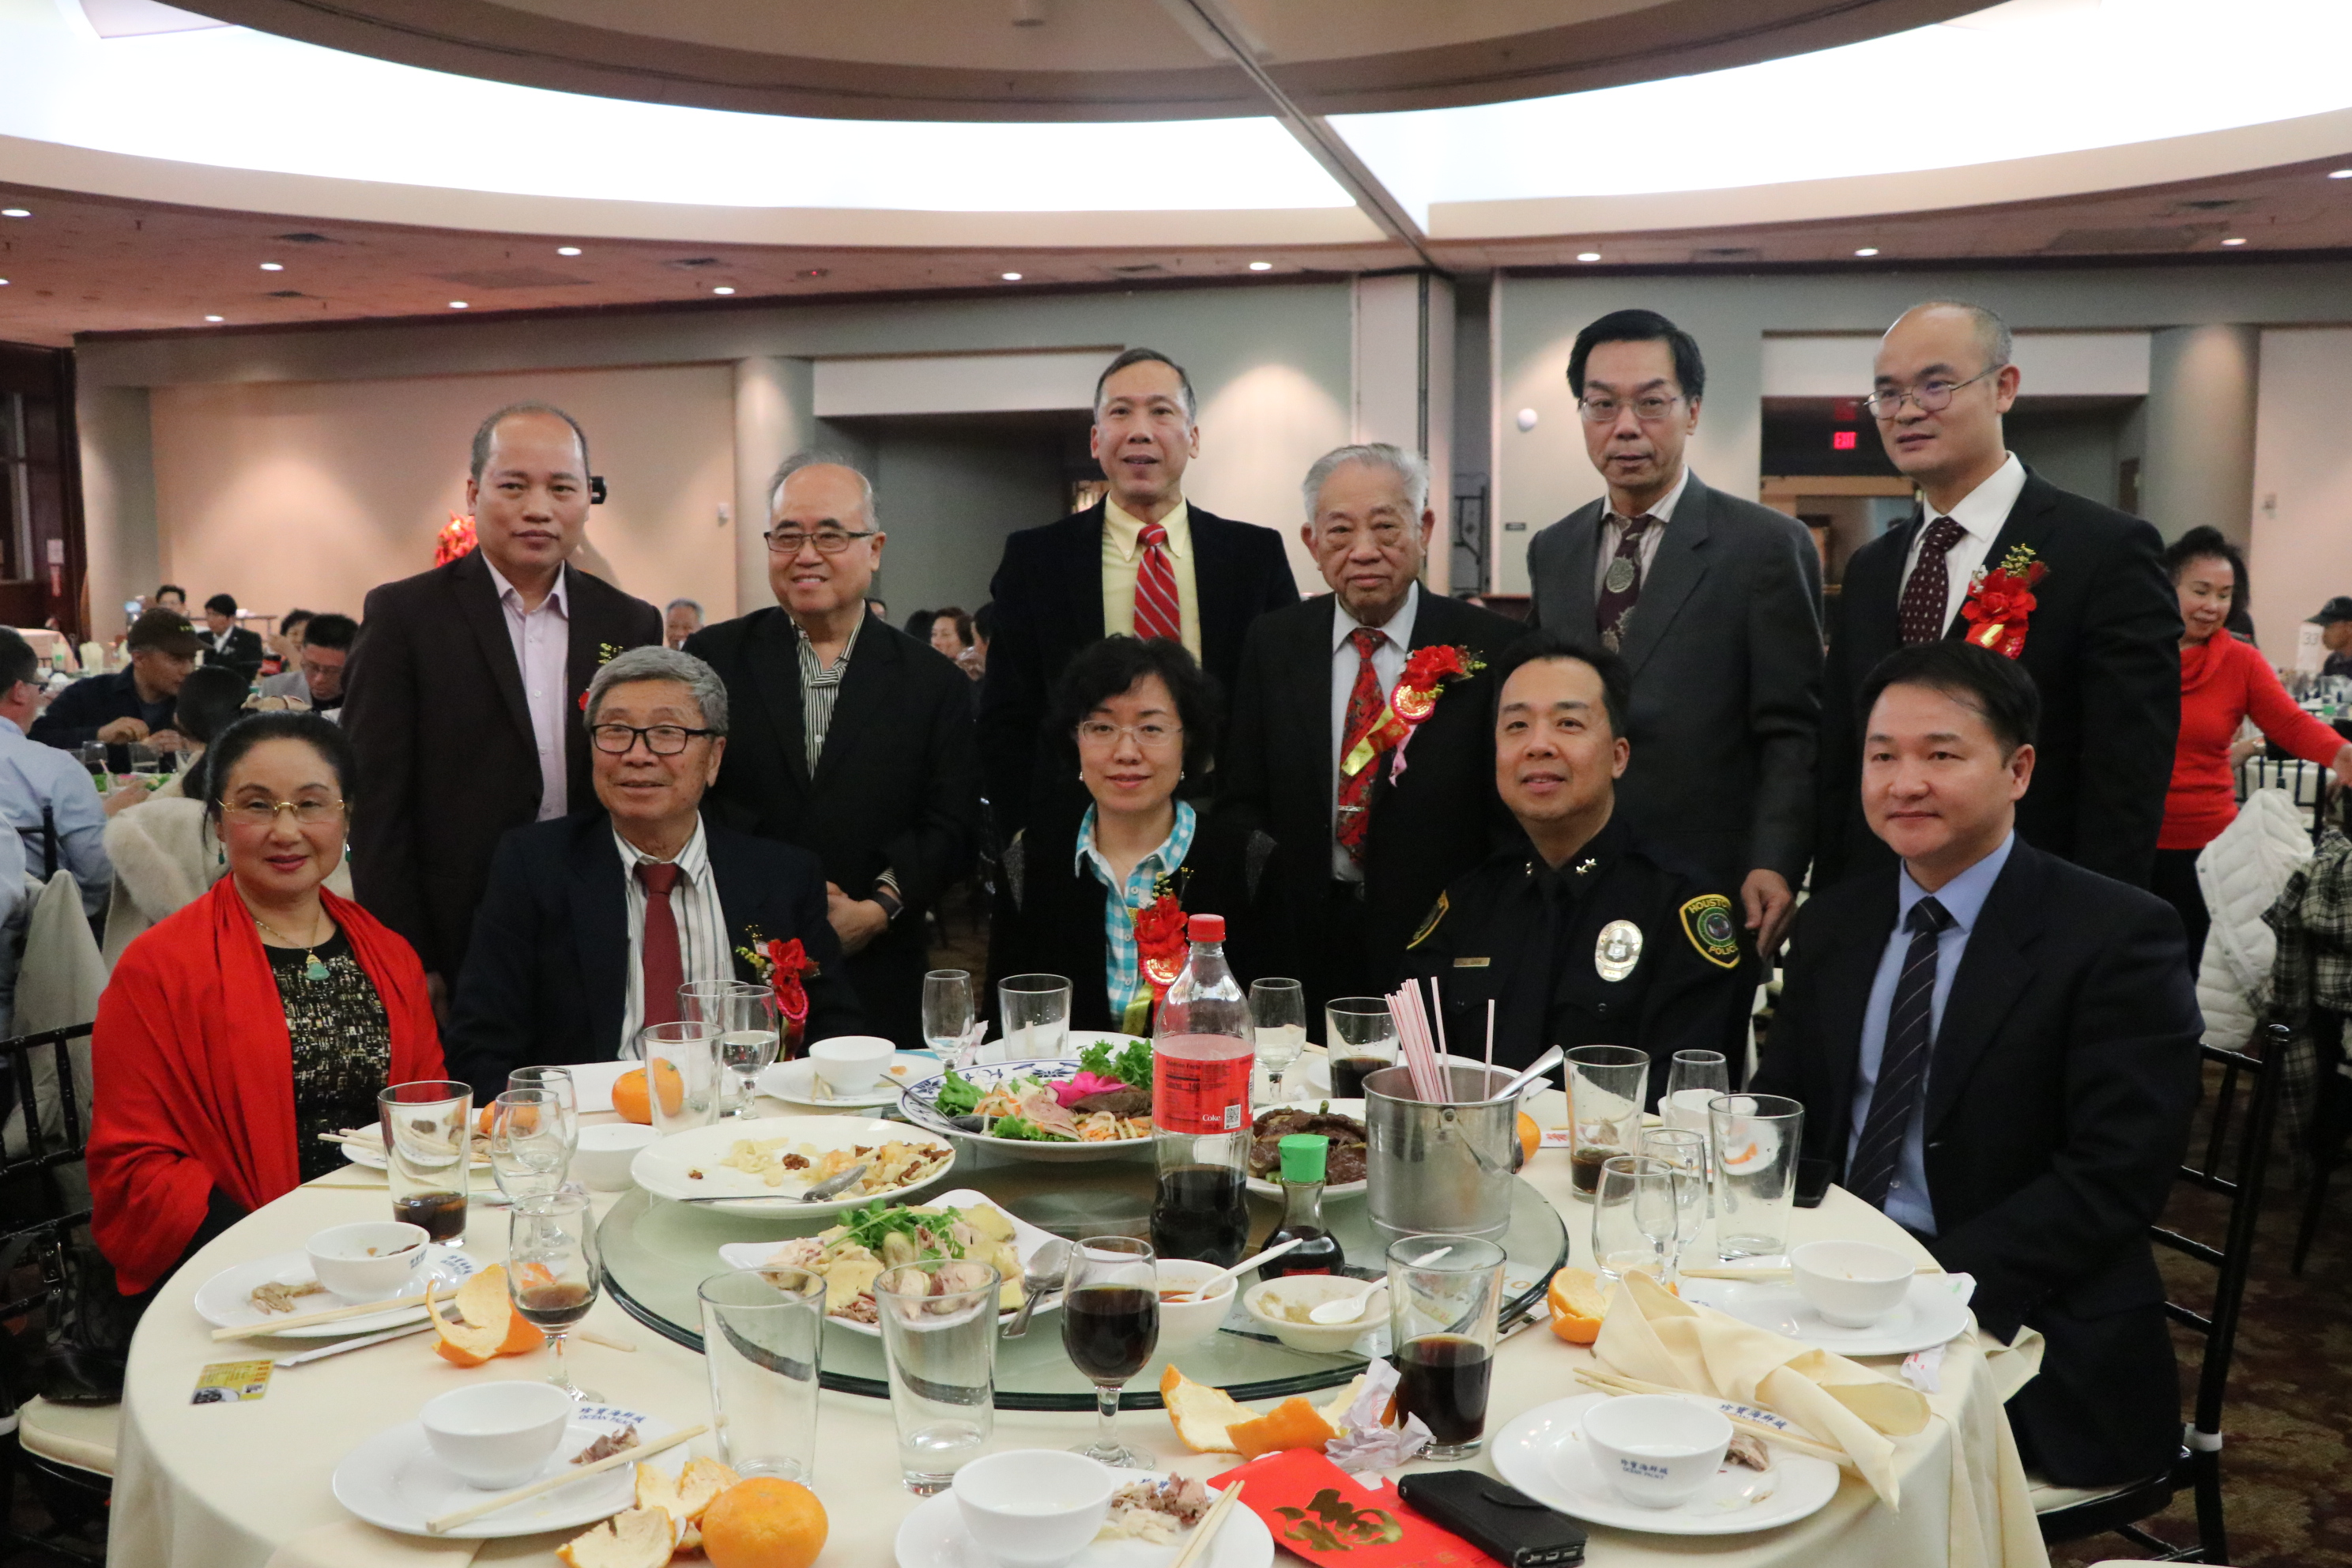 大會主席黃孔威(前排左二)與到場祝賀的貴賓合影。